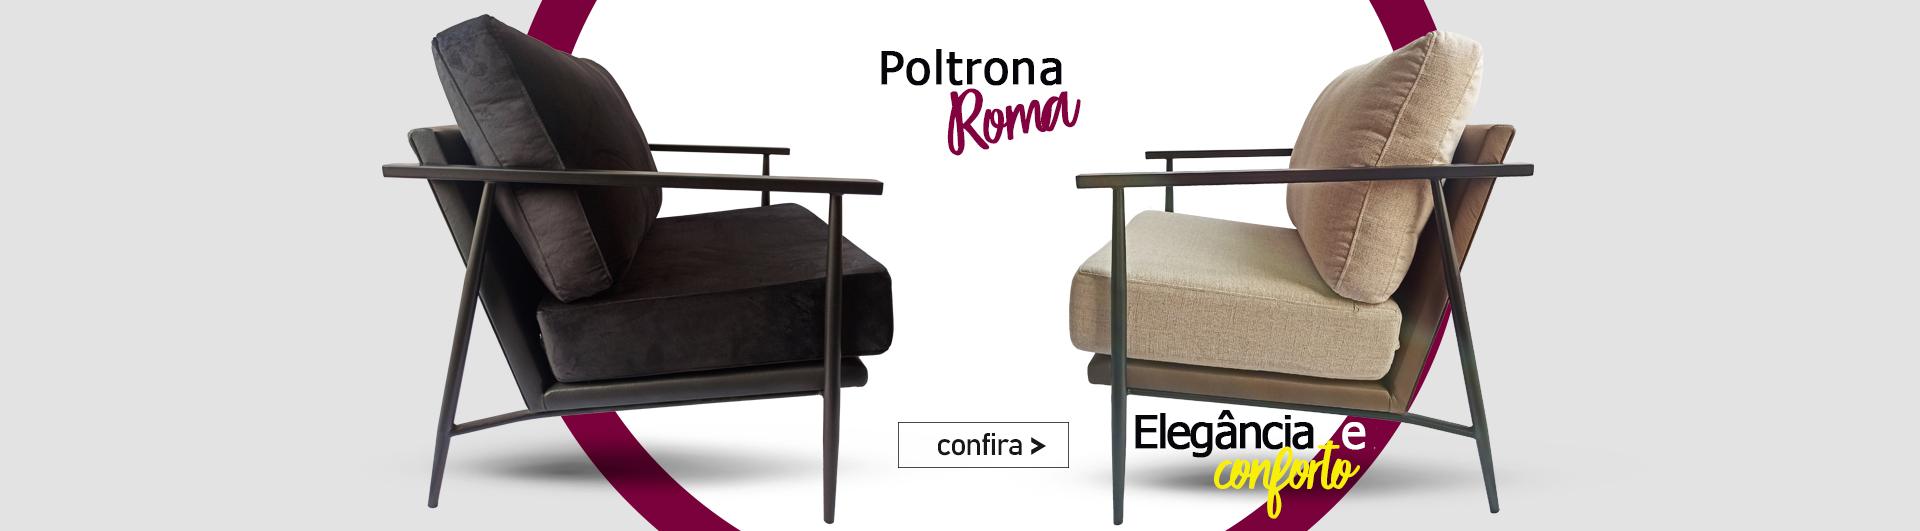 Poltrona Roma